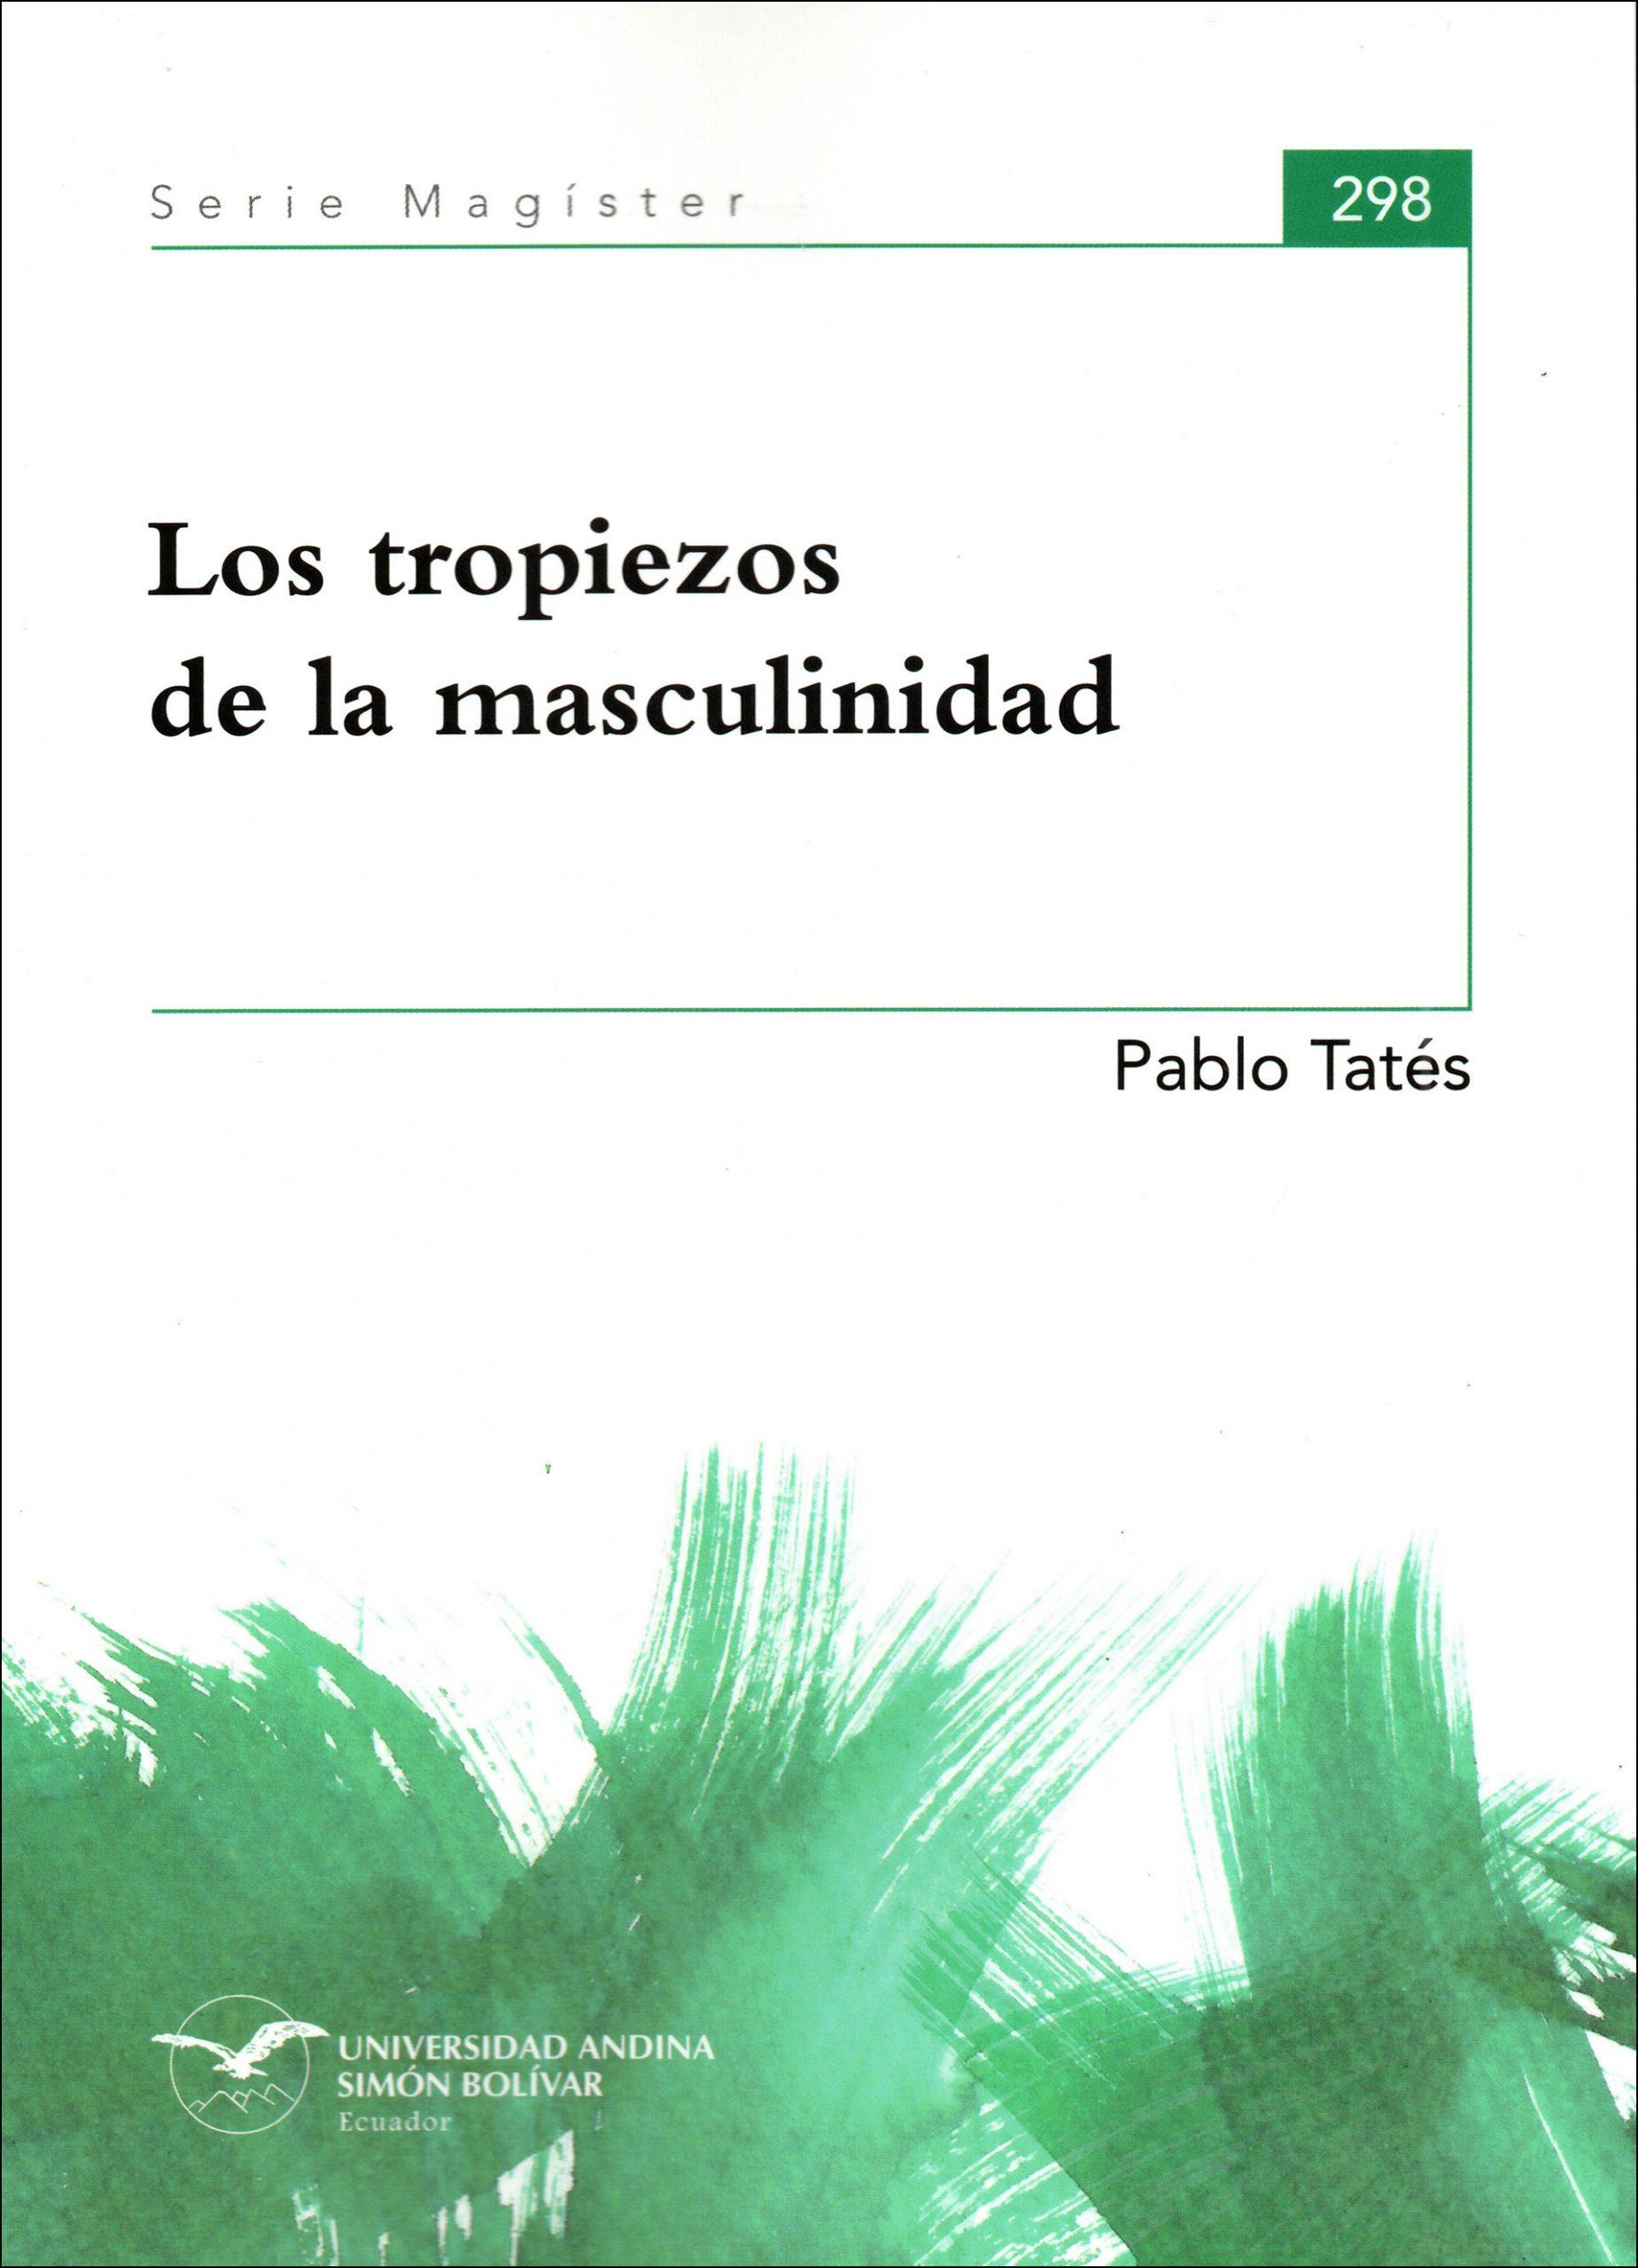 Los tropiezos de la masculinidad